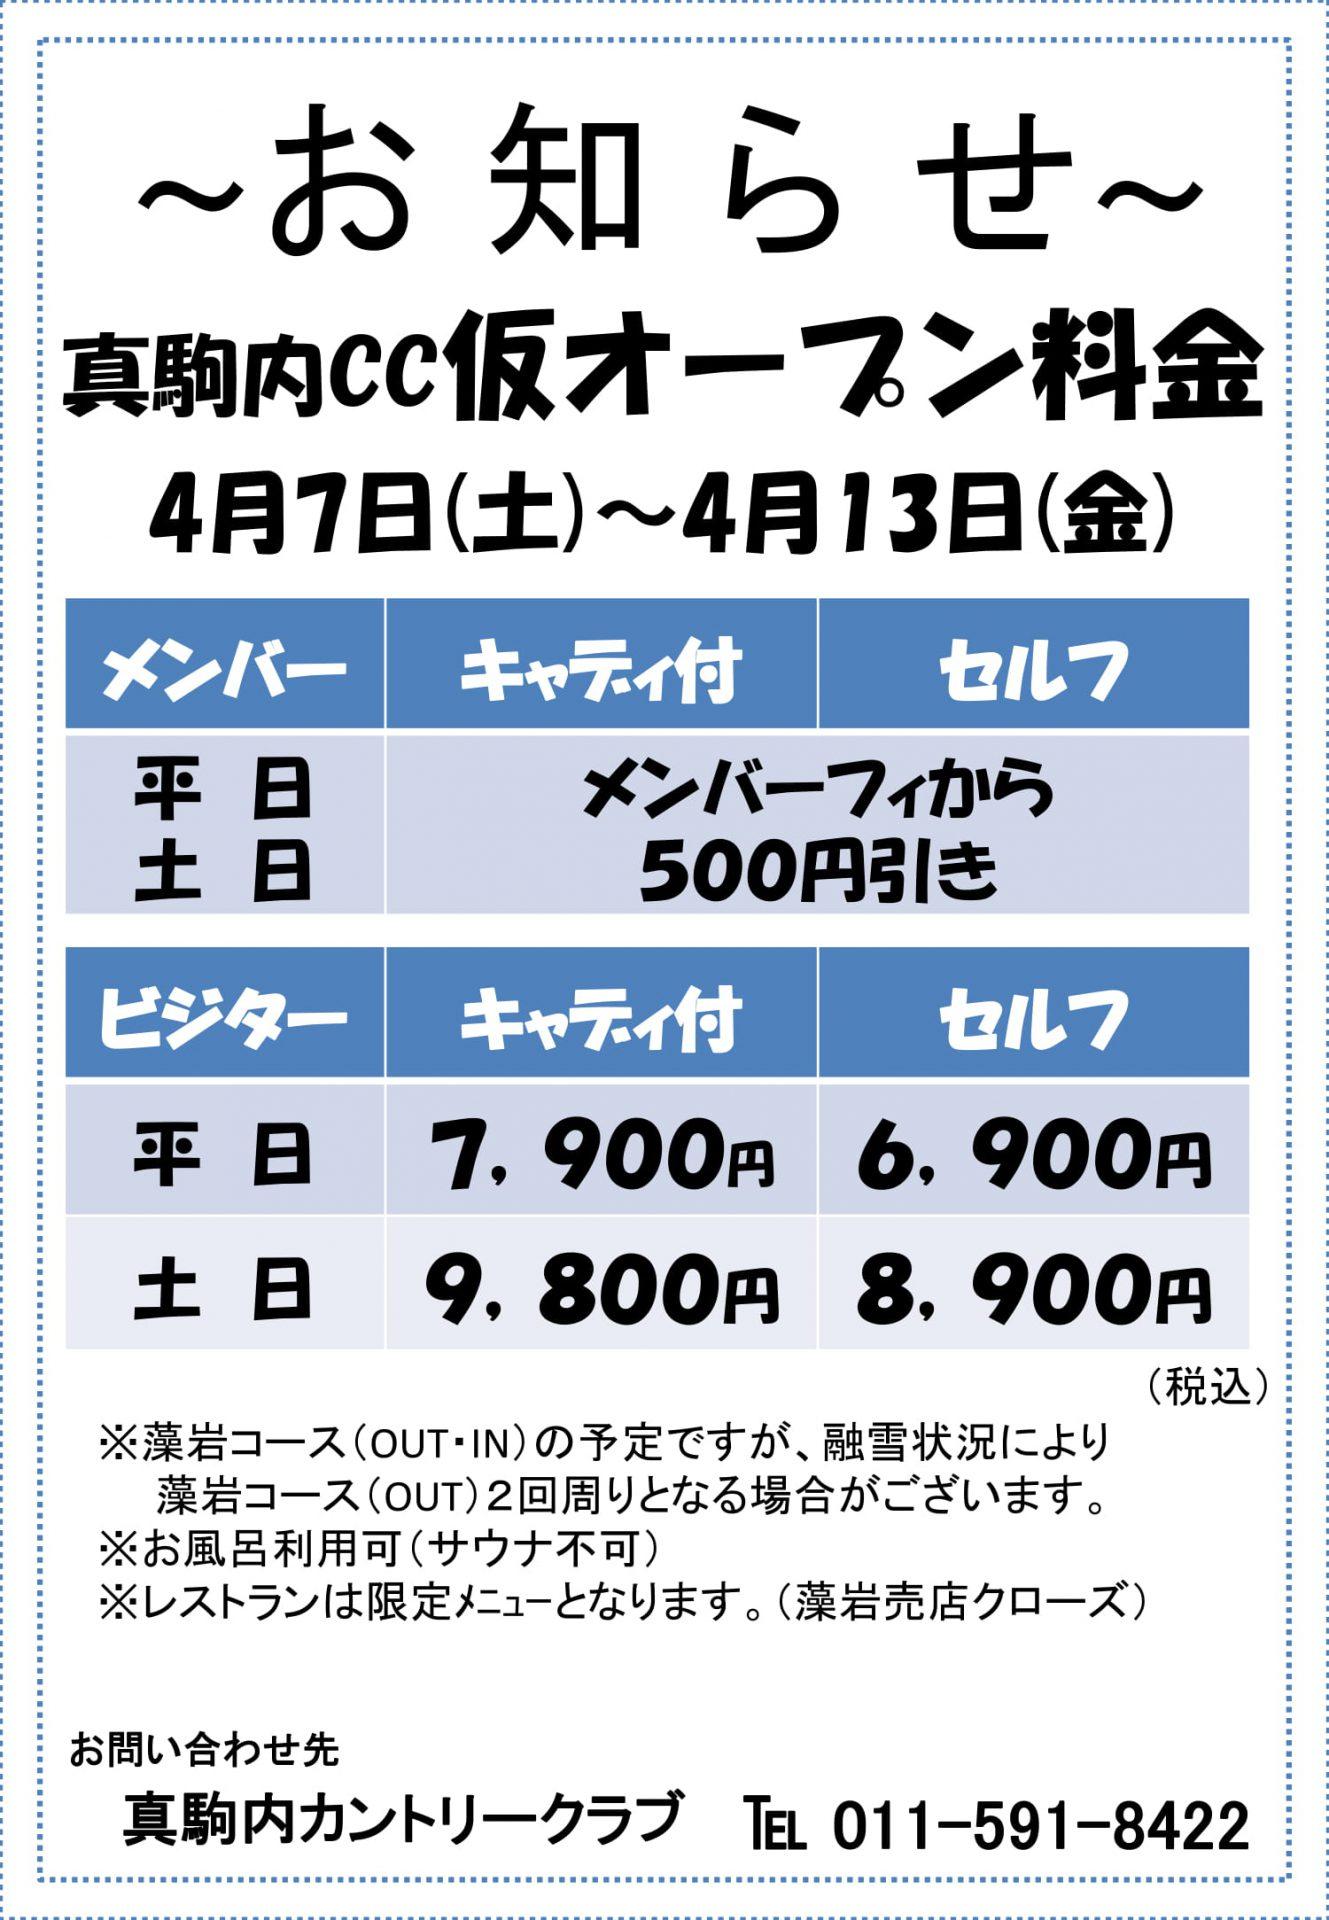 ◆3/31(木)UP 練習場オープンと仮オープン